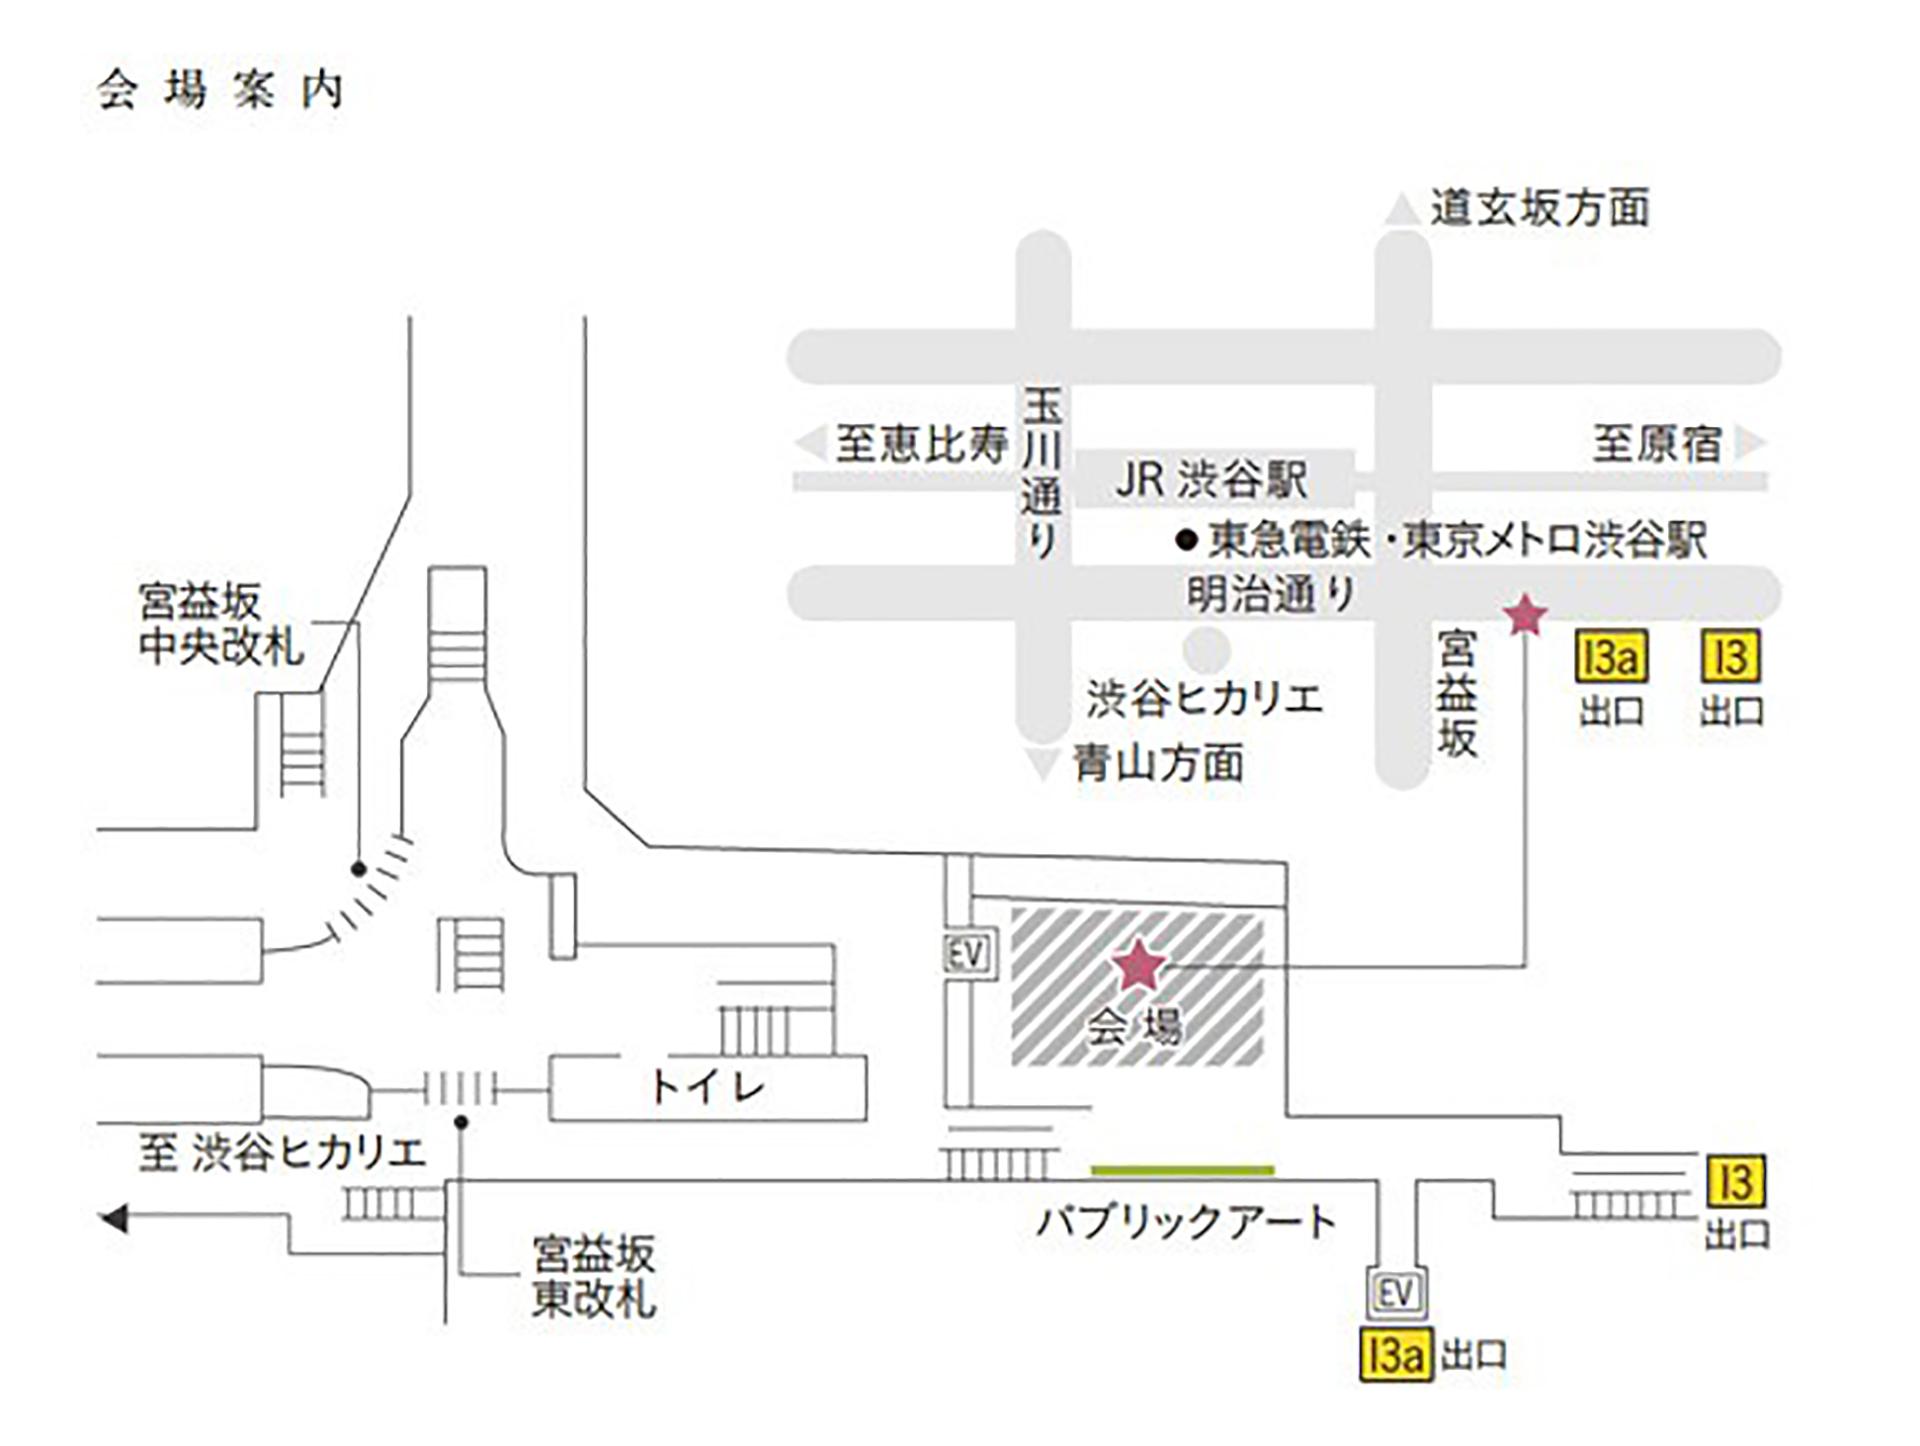 ステーションコンサート in 渋谷の案内俯瞰地図です